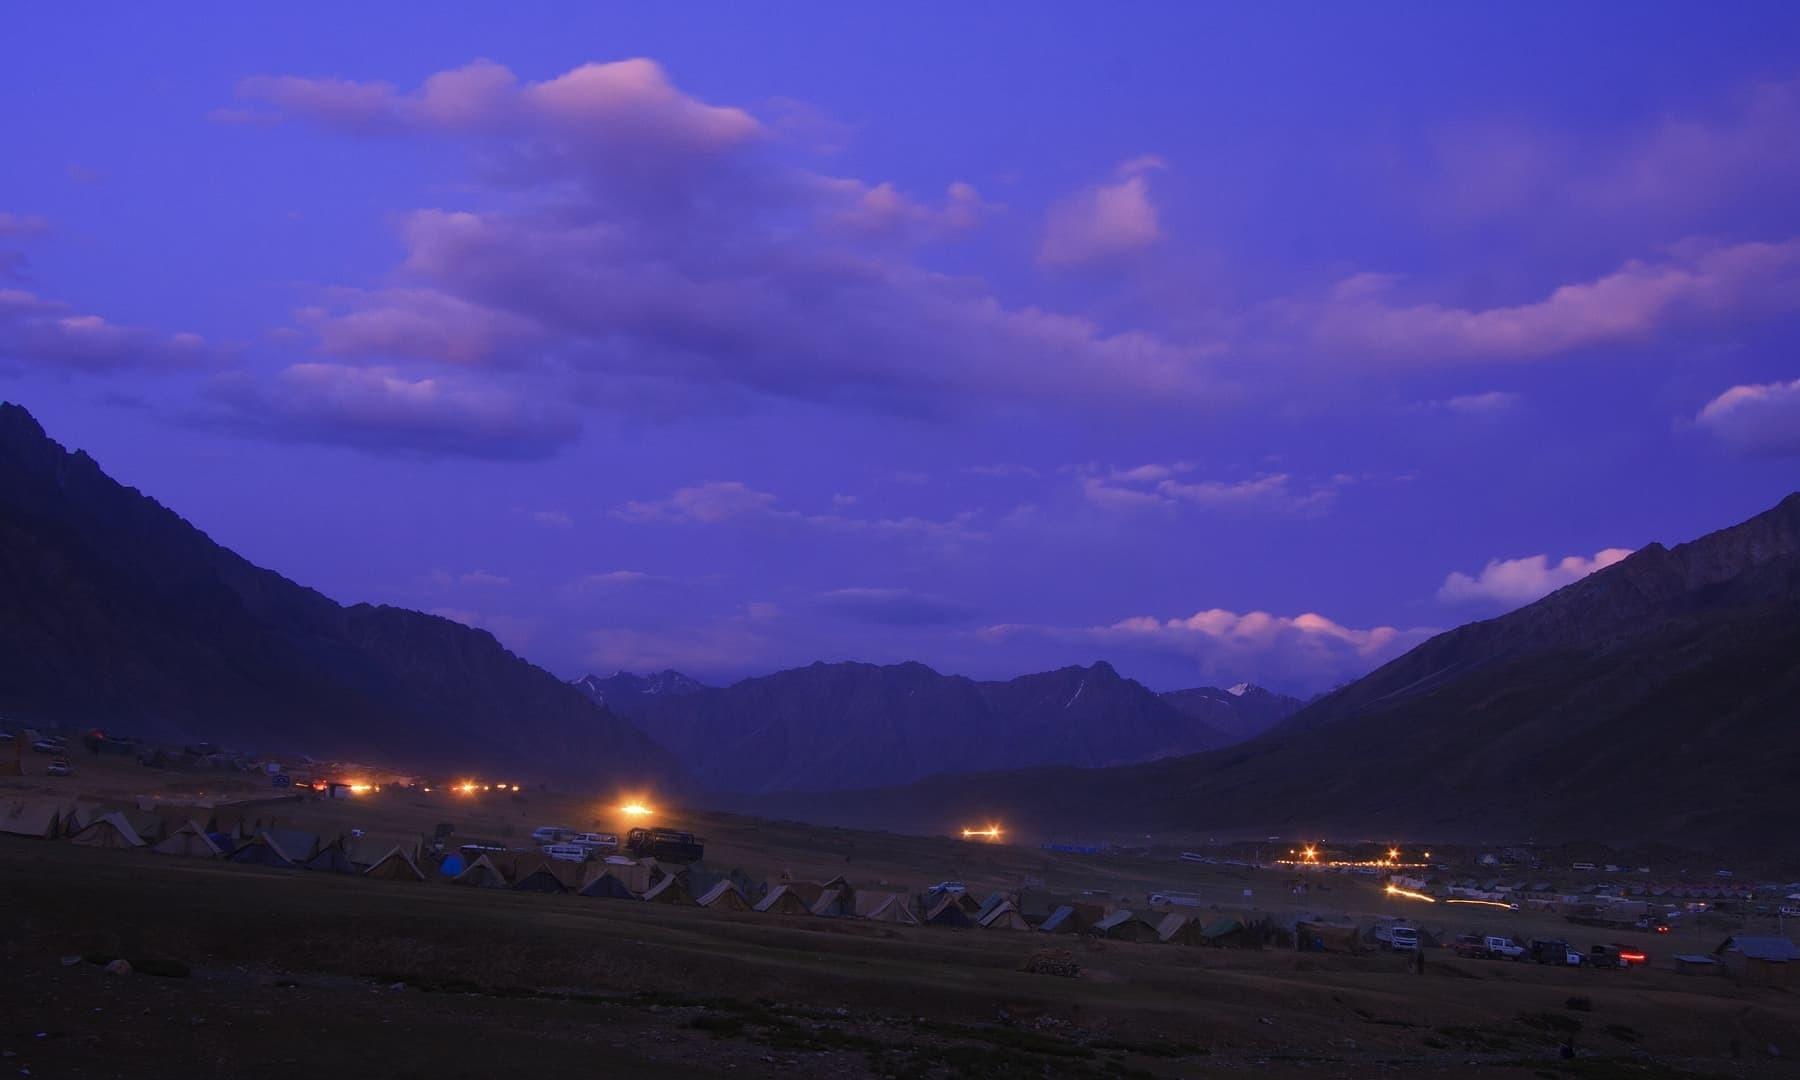 Night at Shandur Polo Ground.